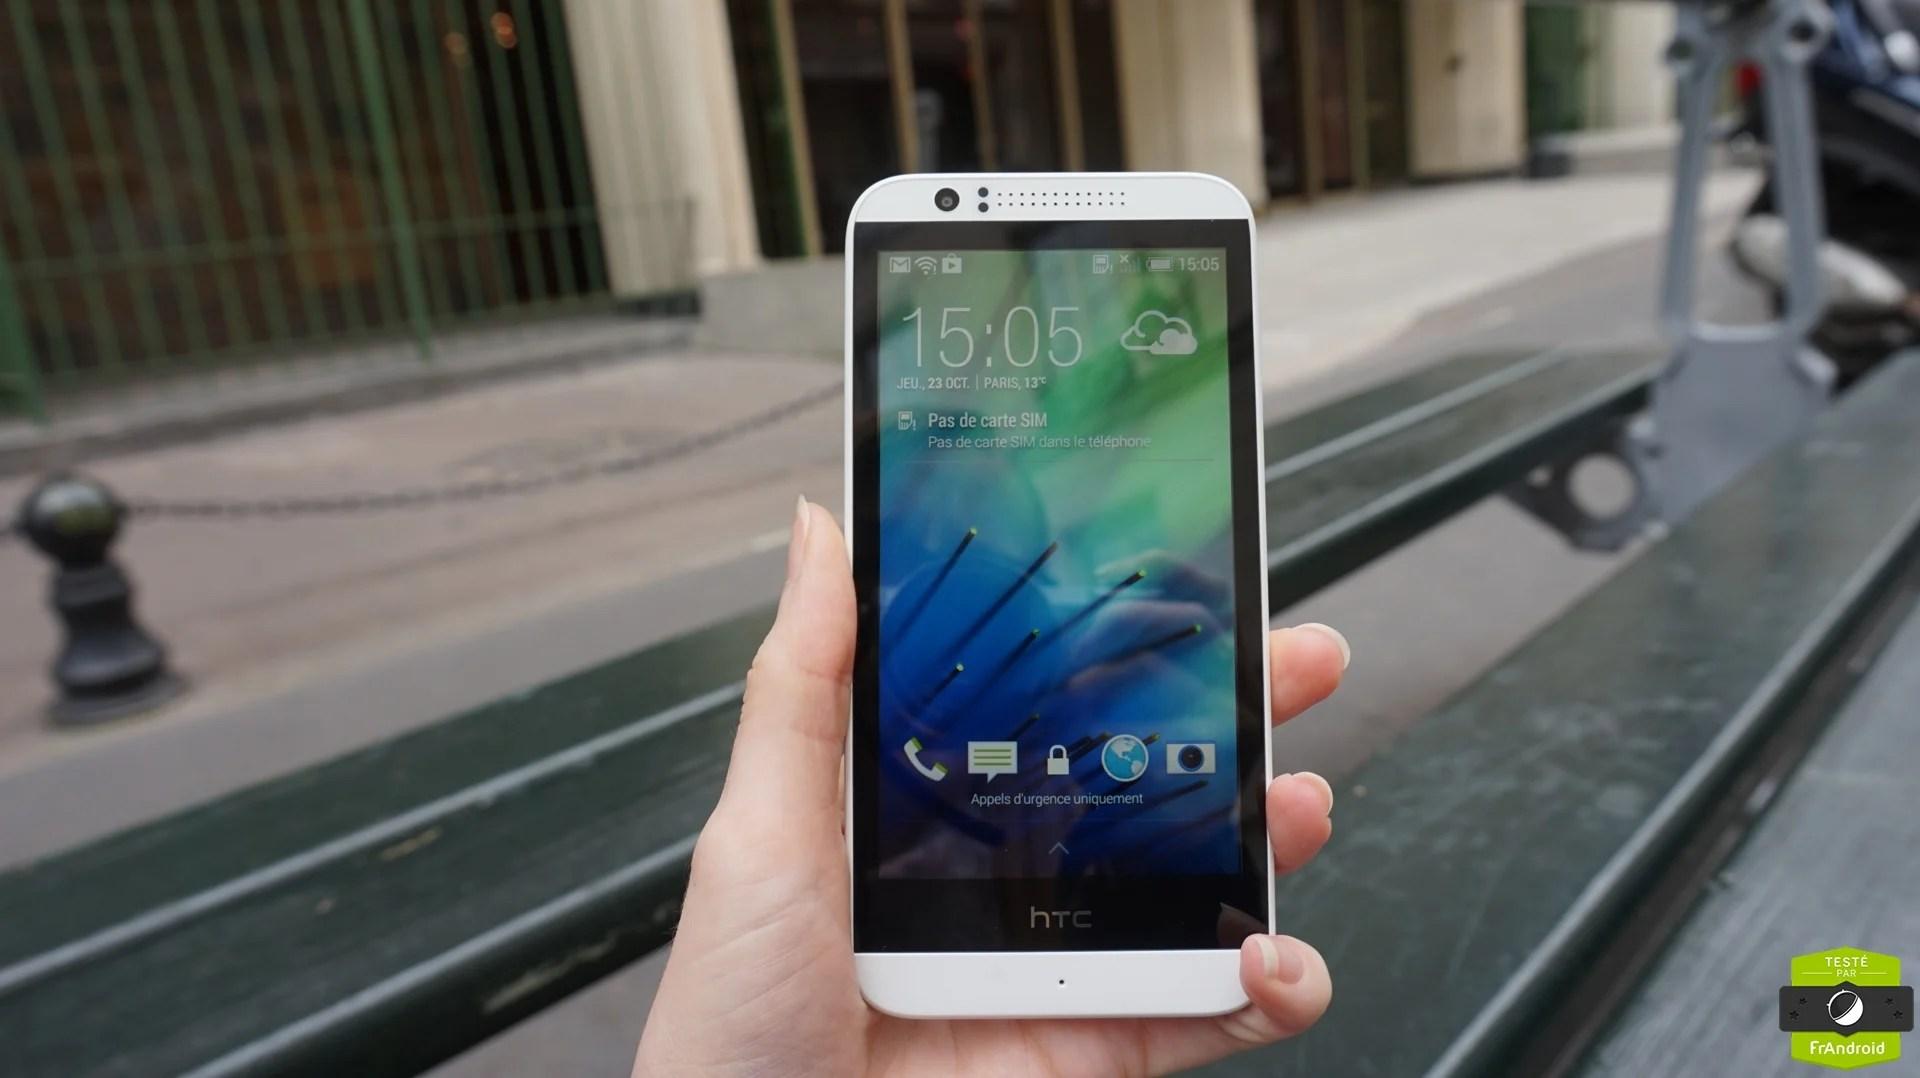 Prise en main du HTC Desire 510 : 4G et 64 bits pour moins de 200 euros